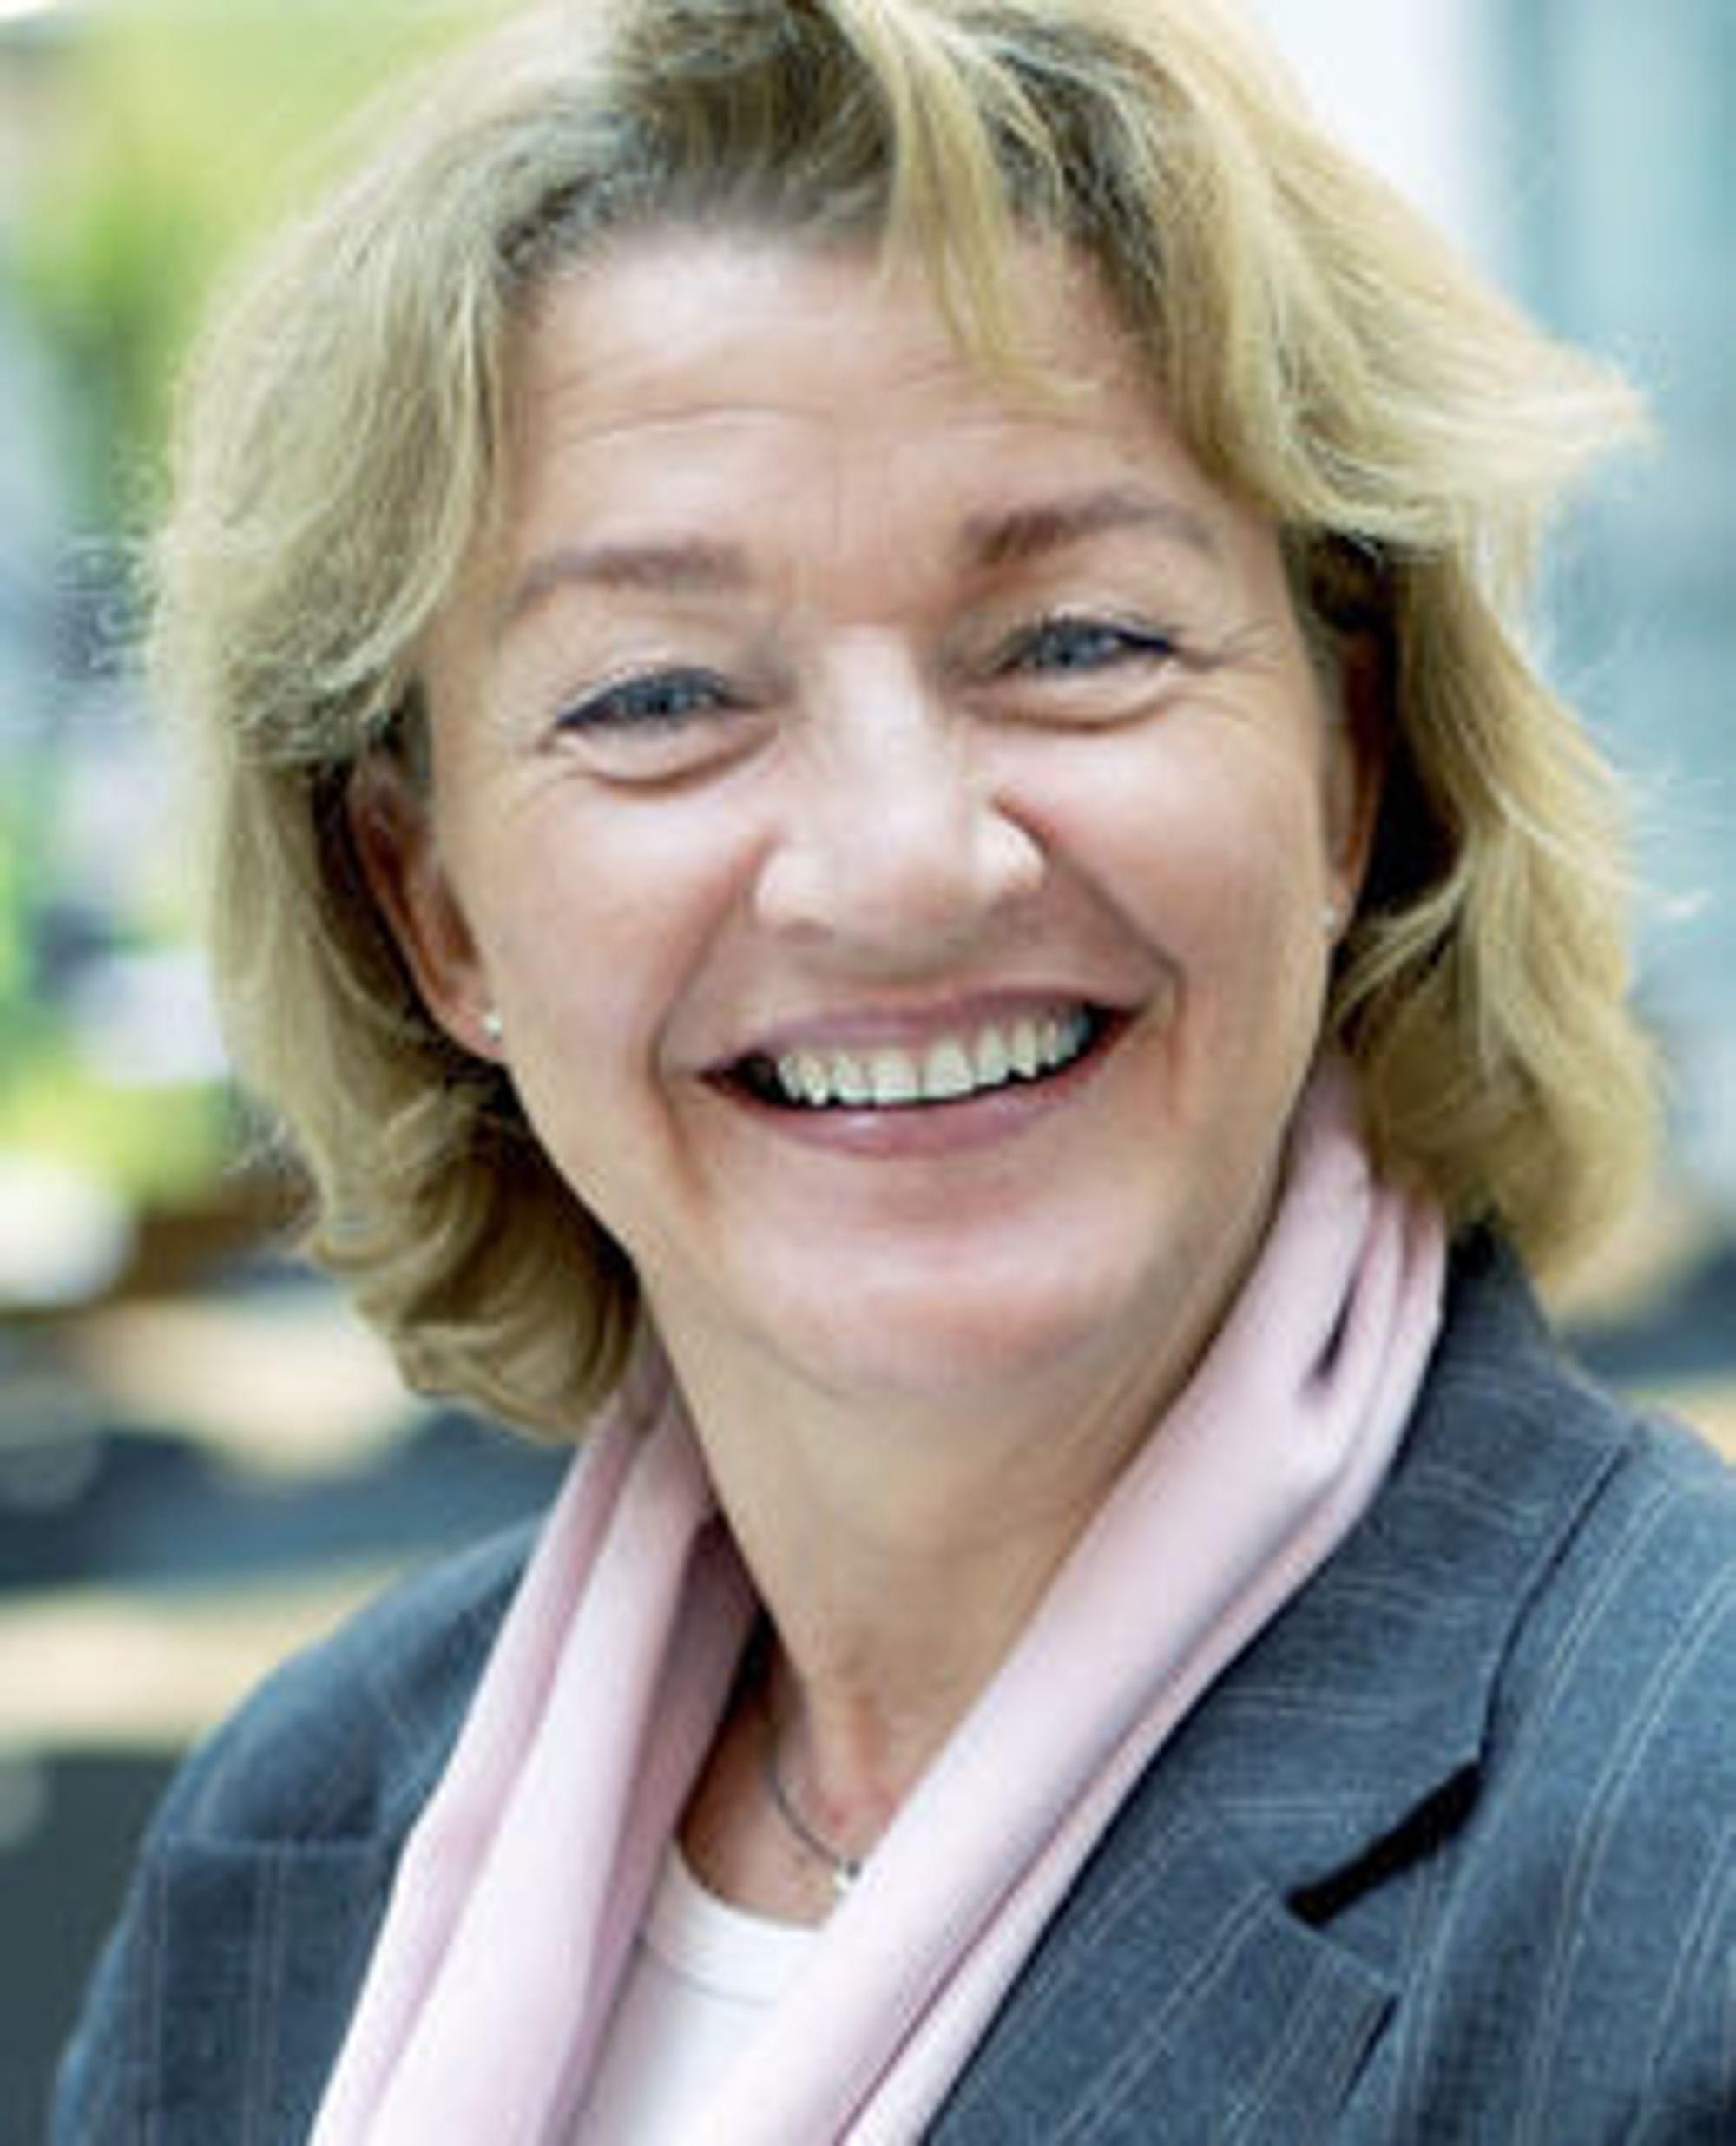 Effektive løsninger sparer mange penger, forteller kommunikasjonssjef Hilde M. Solegaard. Ergogroup er medlem i bransjeinitiativet Grønn IT.